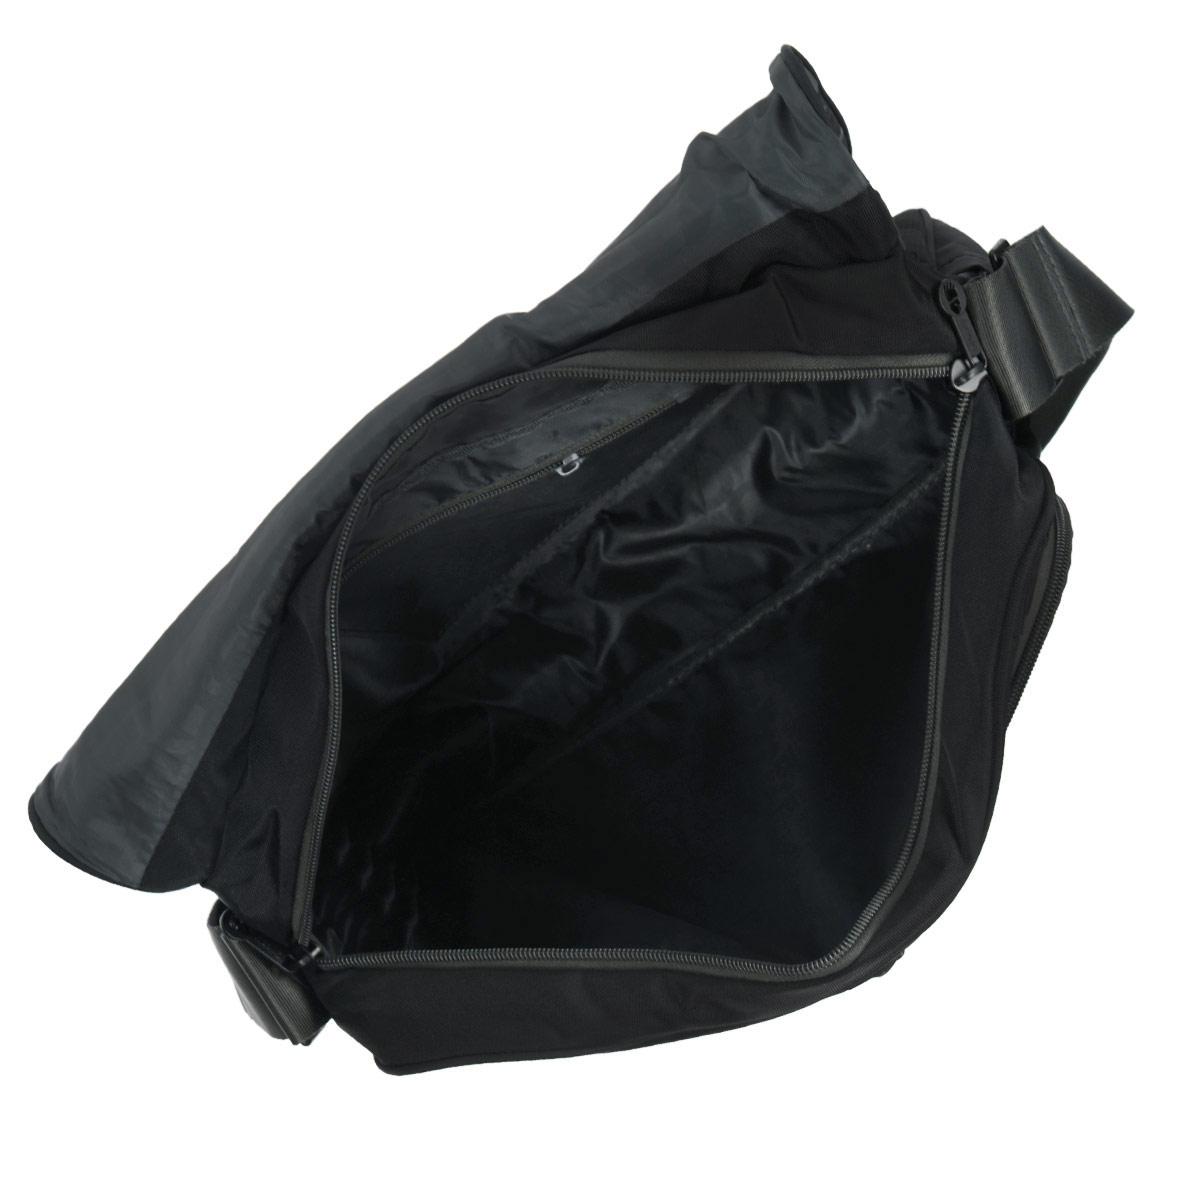 Сумка молодежная наплечная с одним отделением, передними, боковыми, задним и внутренними карманами, ручкой для переноски и регулируемым плечевым ремнем